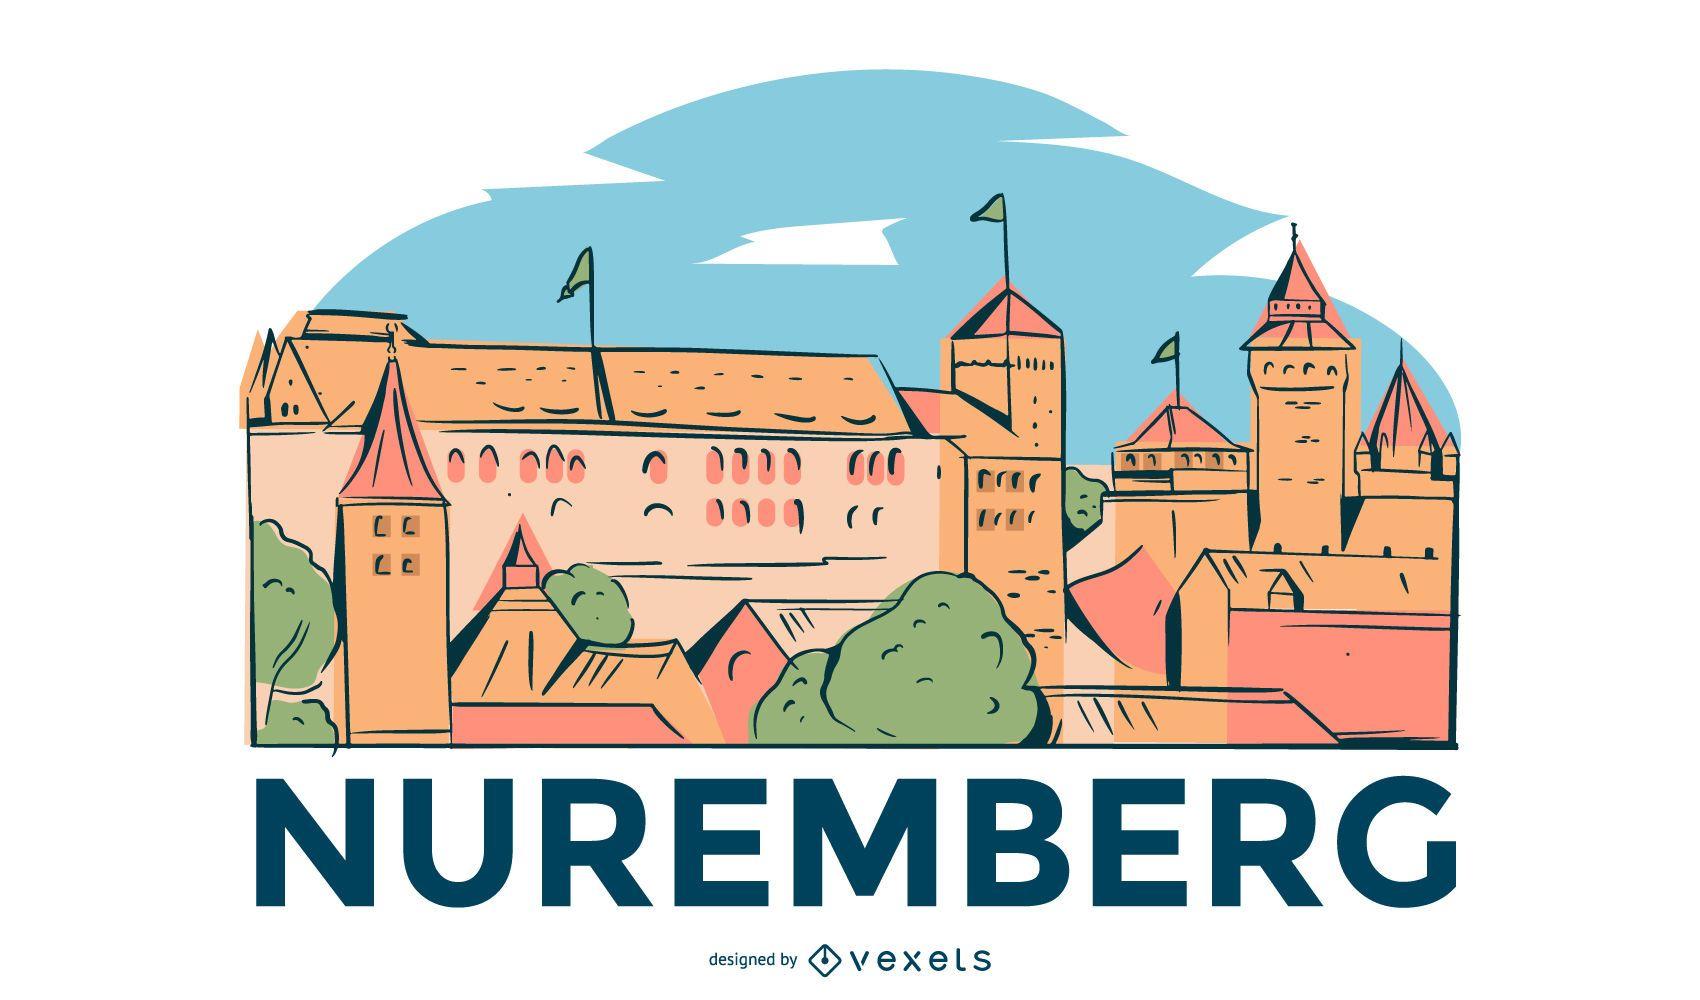 Nuremberg Illustrated Skyline Design